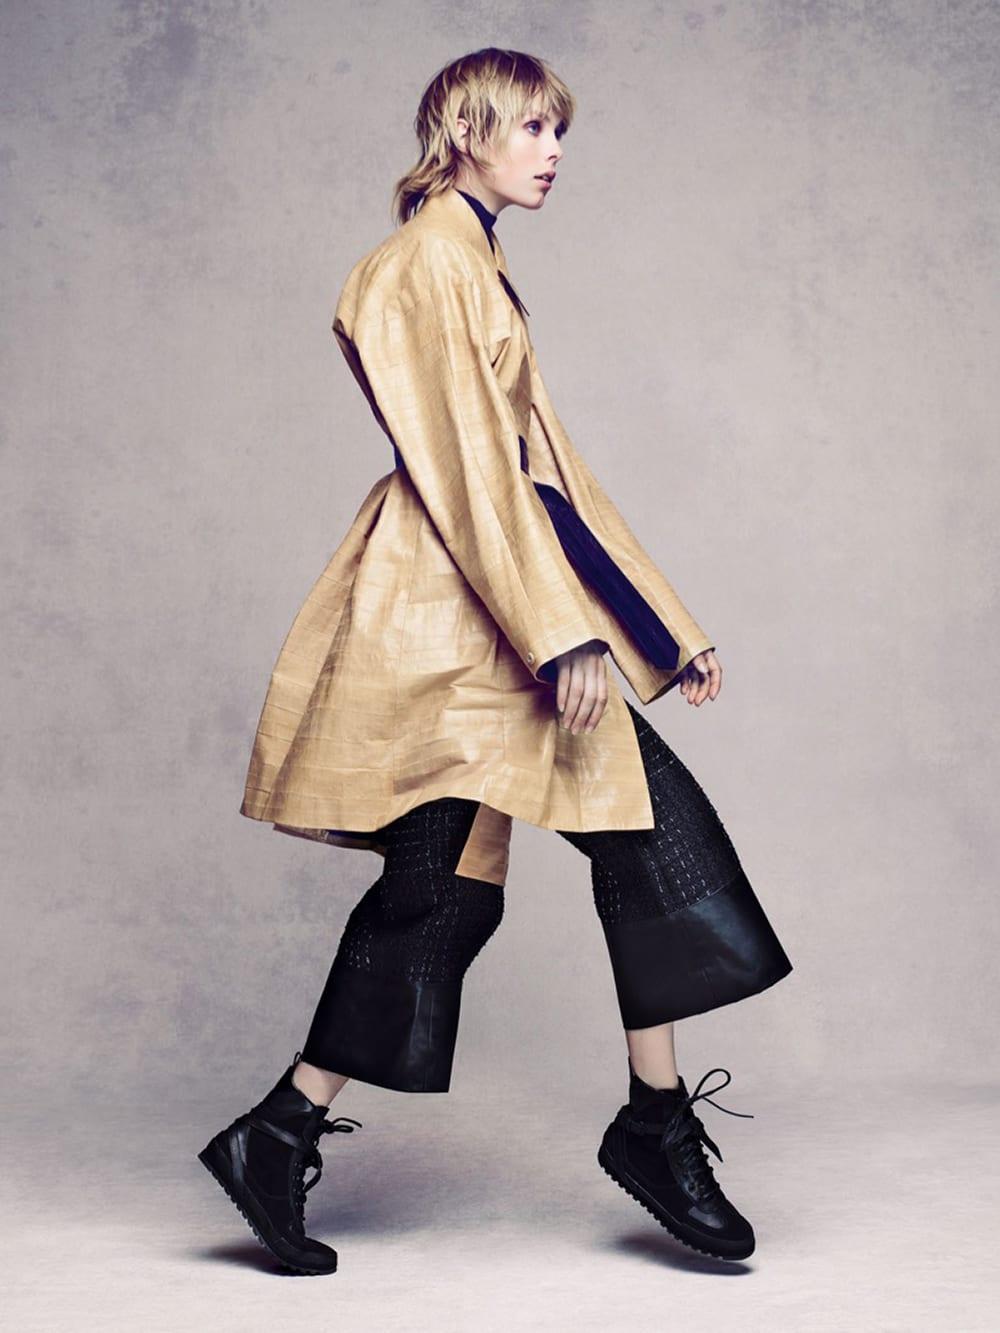 Style&Minimalism   Editorials   Vogue China   Edie Campbell by Sølve Sundsbø   Calvin Klein